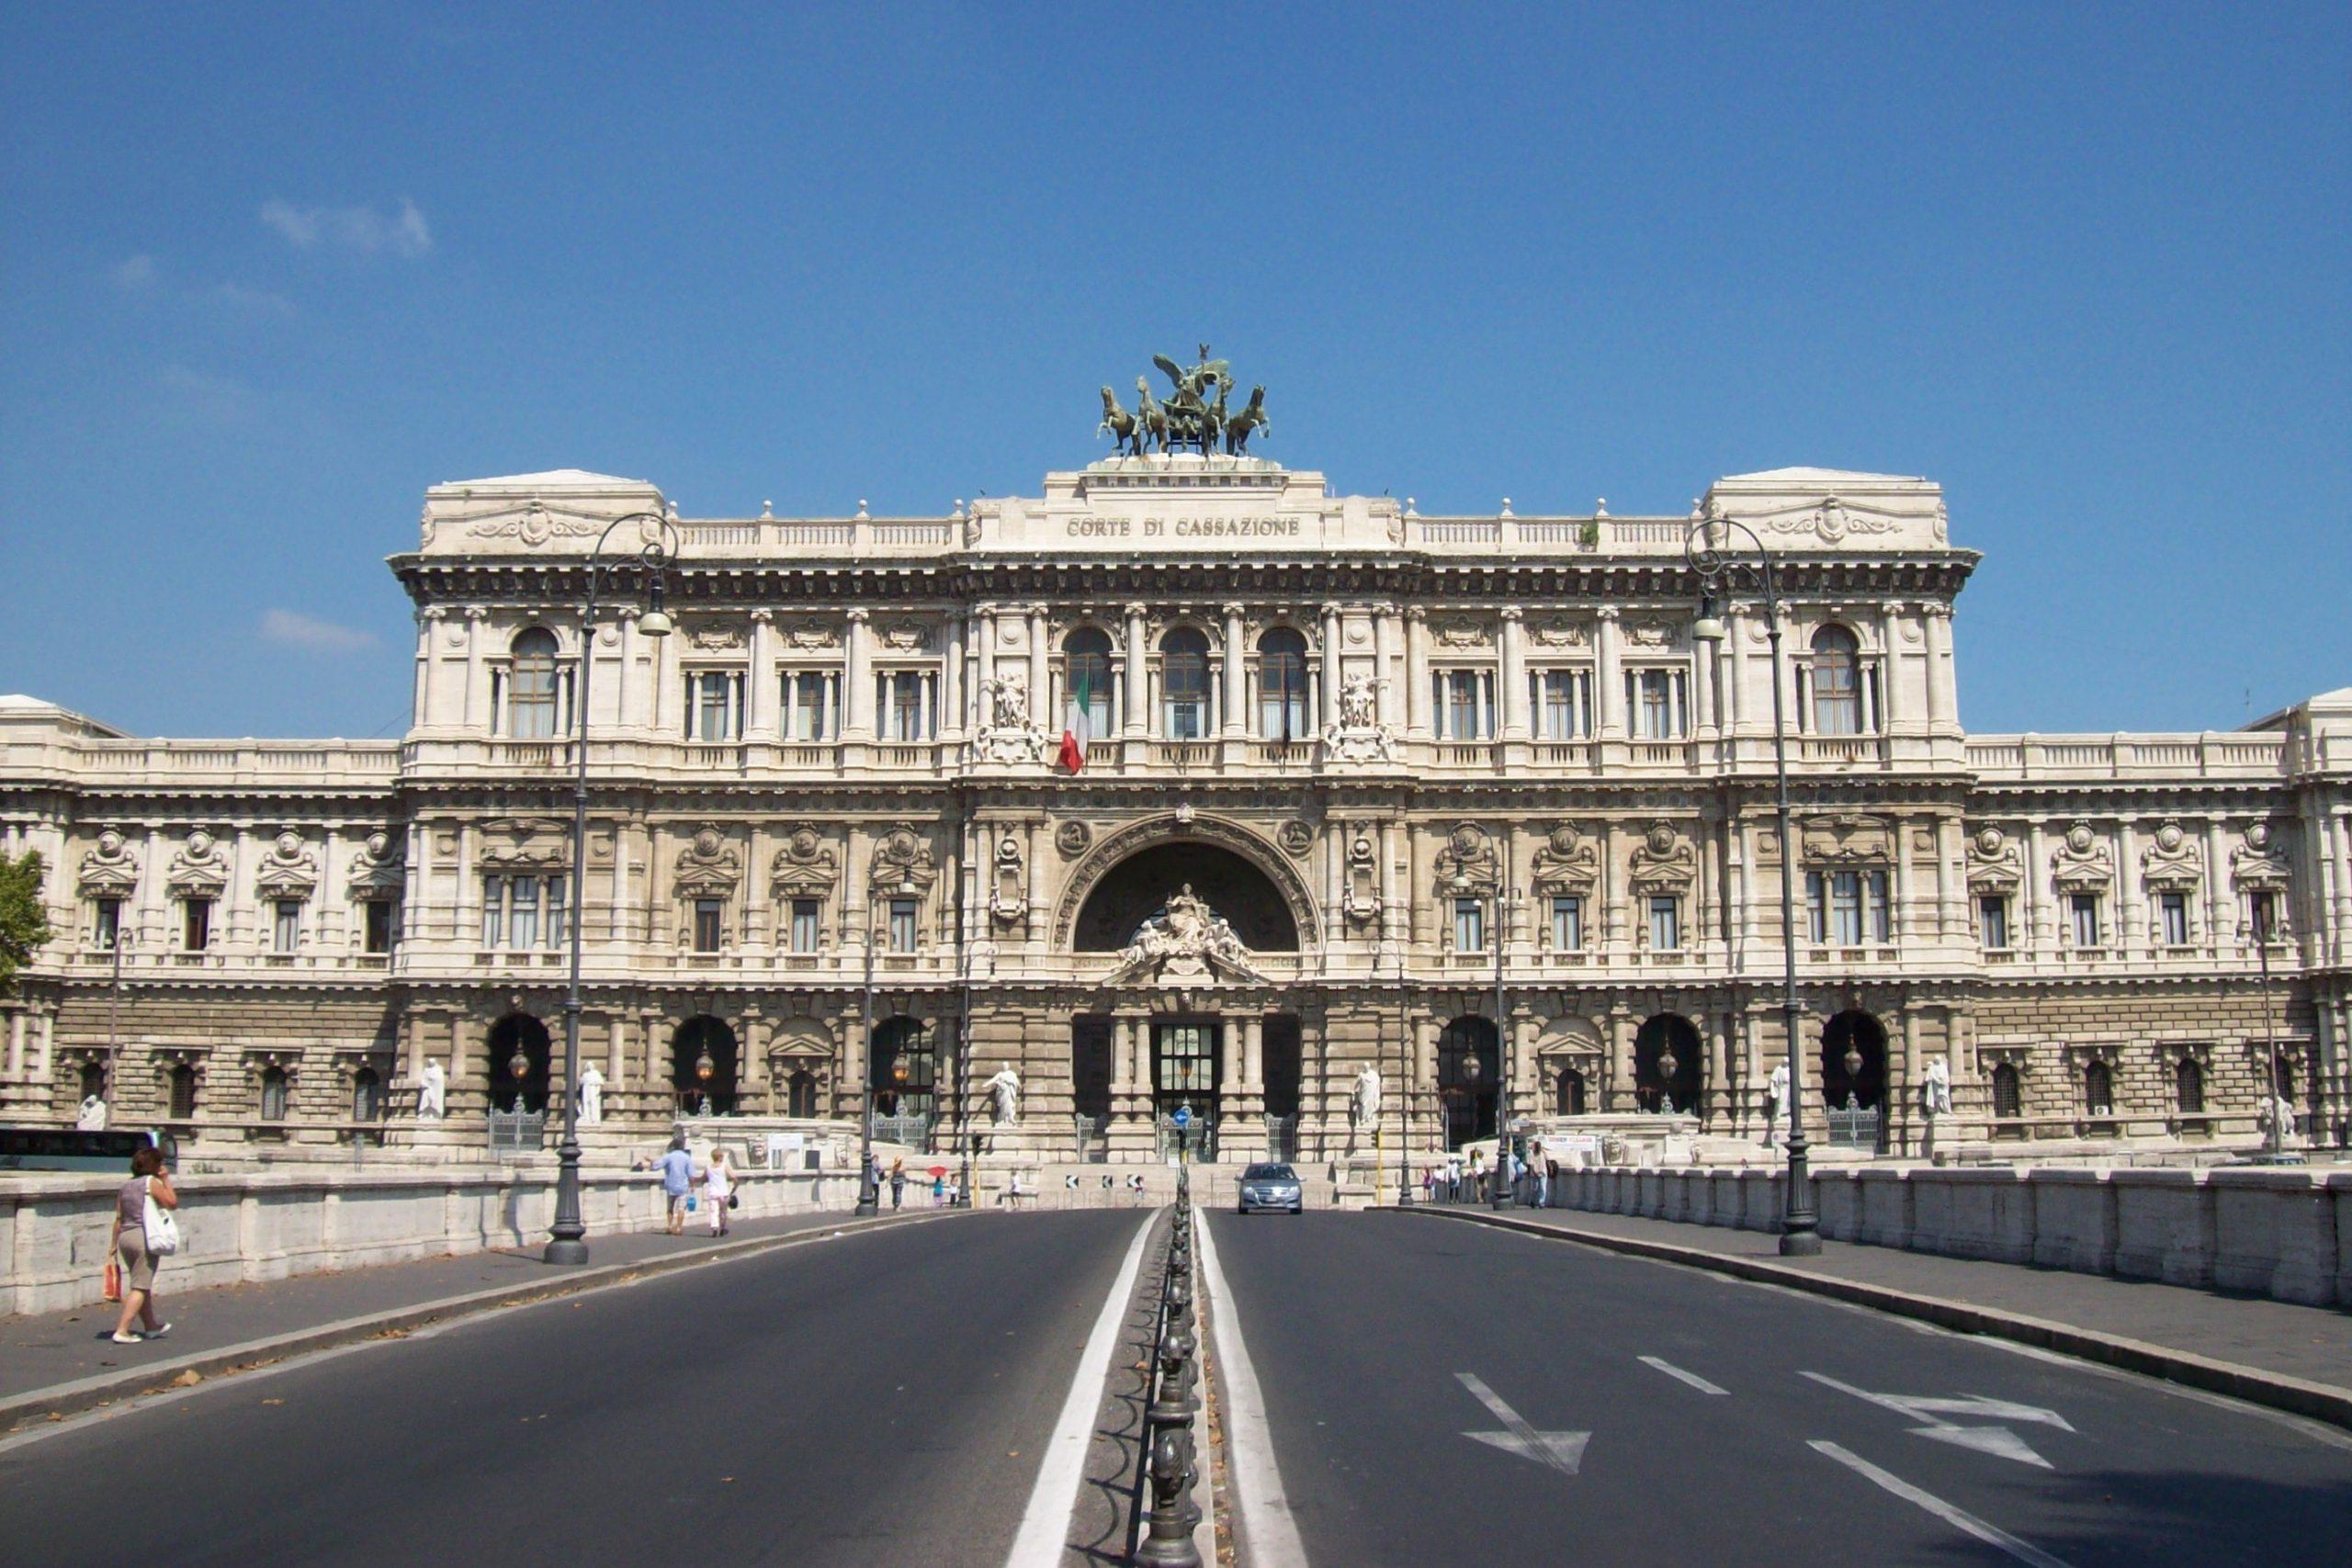 contraddittorio corte di cassazione avvocato roma